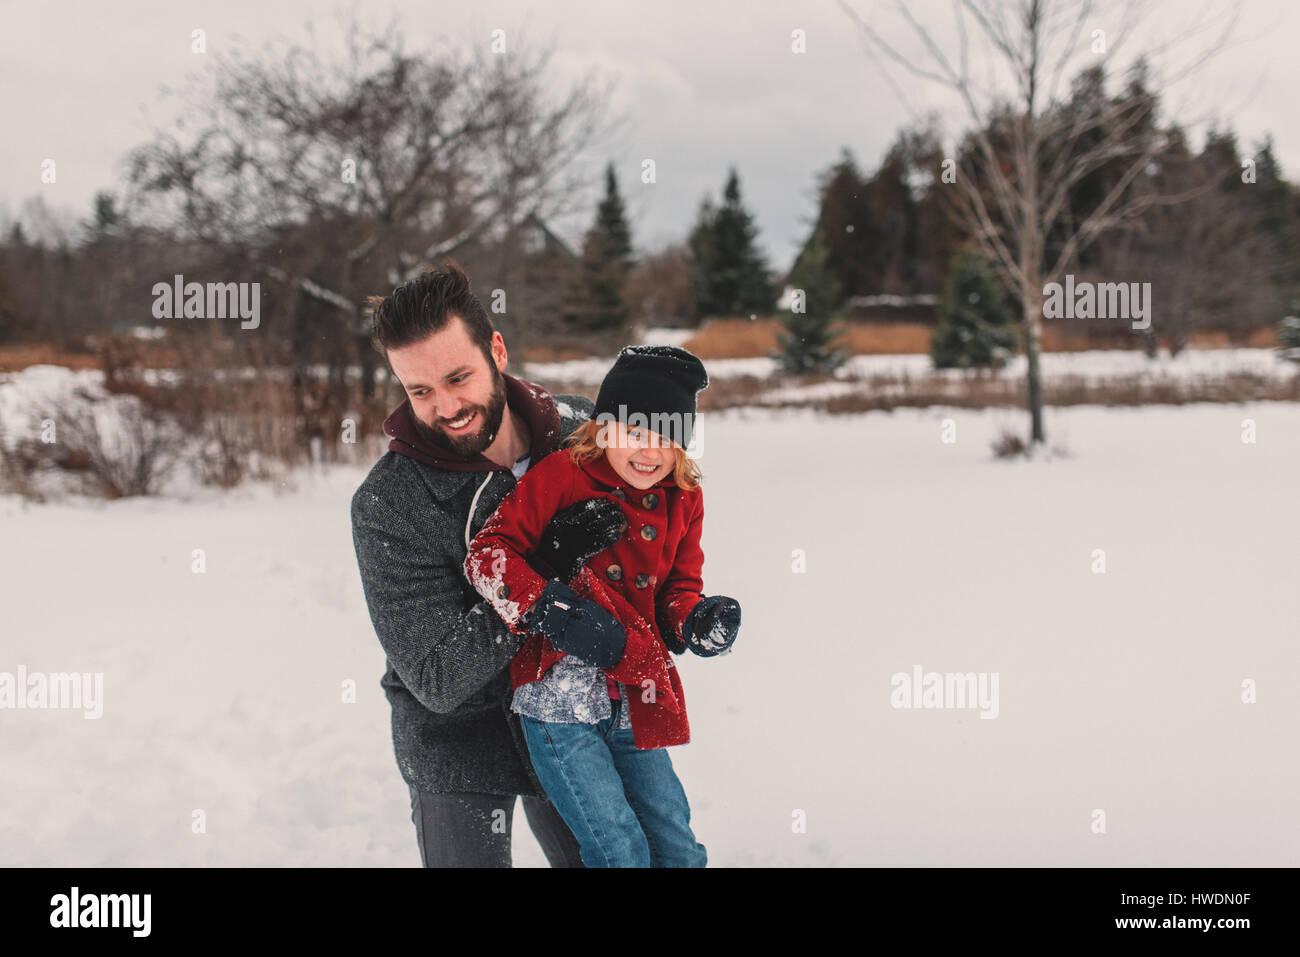 Père et fille jouent dans la neige Photo Stock